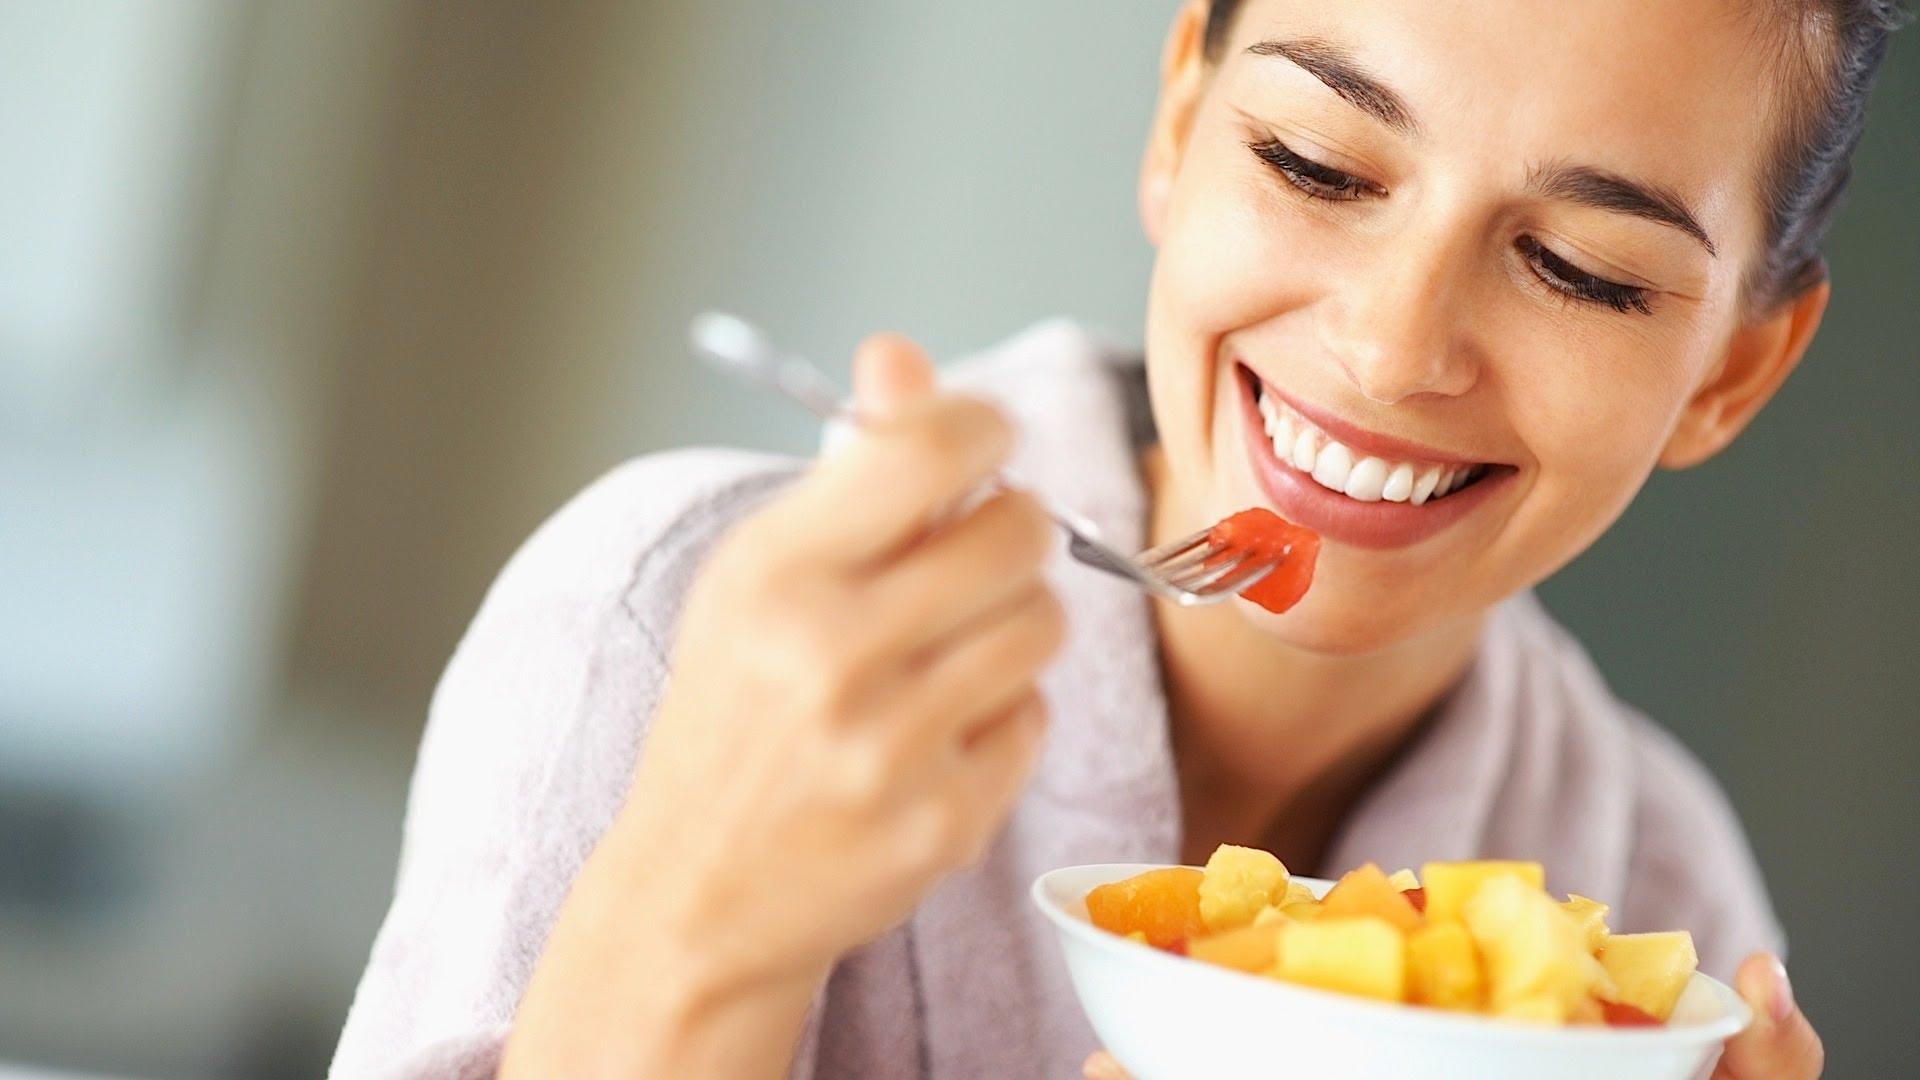 7 savjeta kako poboljšati svoje prehrambene navike